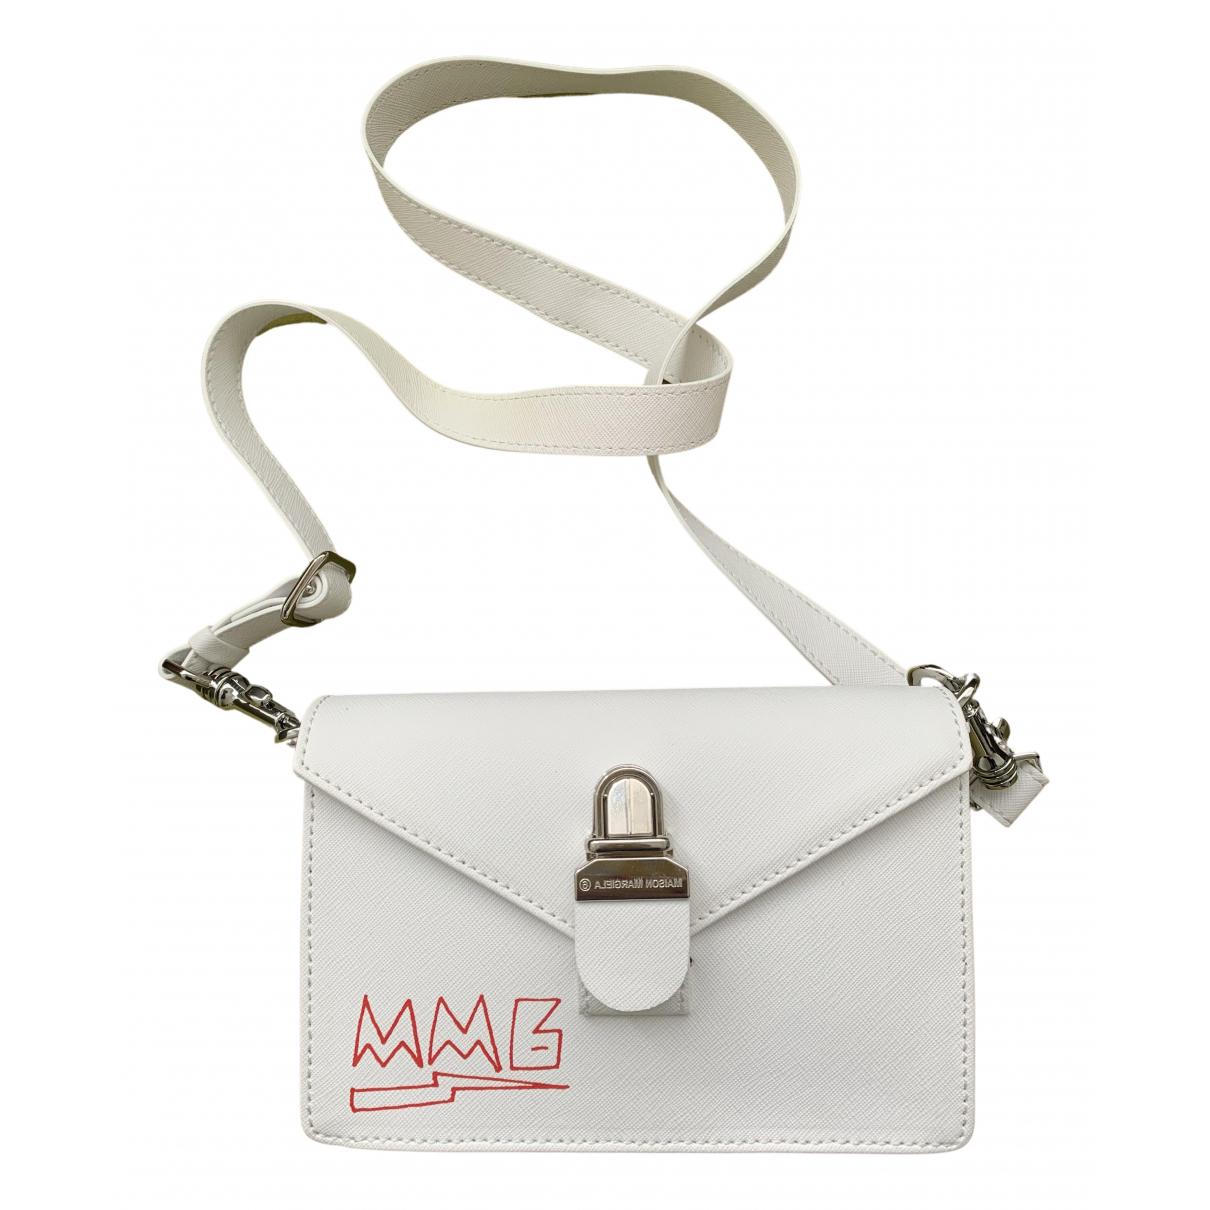 Mm6 - Sac a main   pour femme en cuir - blanc